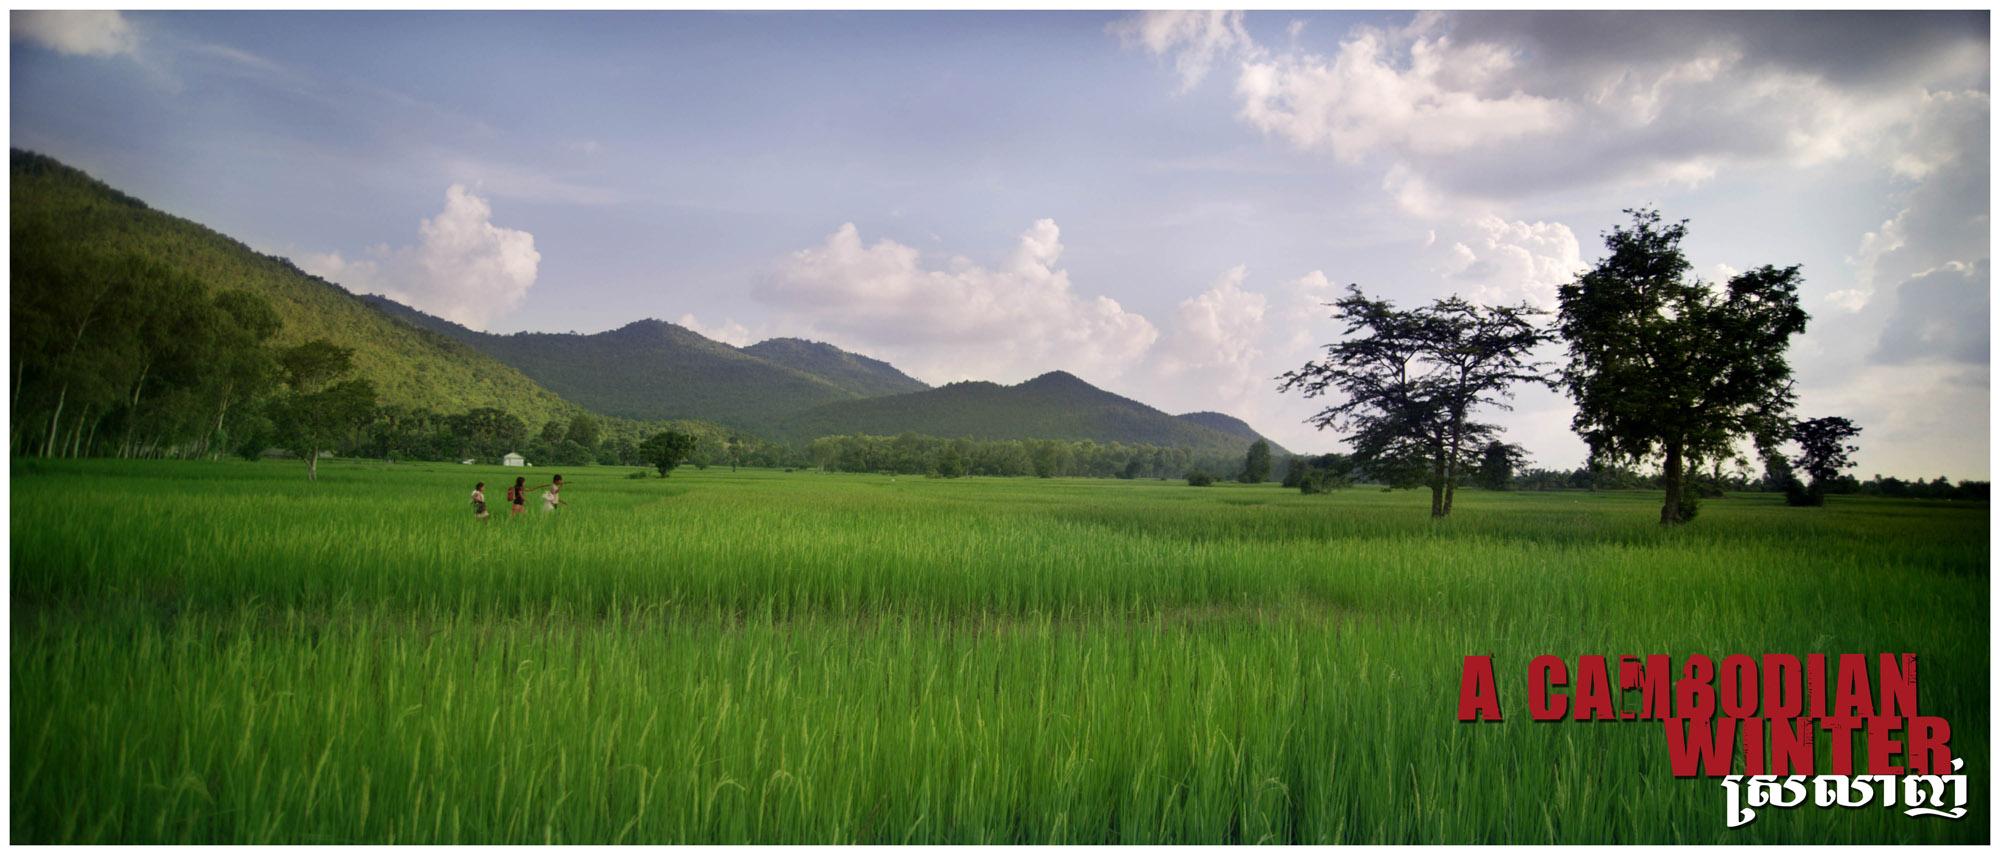 Running through green rice fields of Cambodia